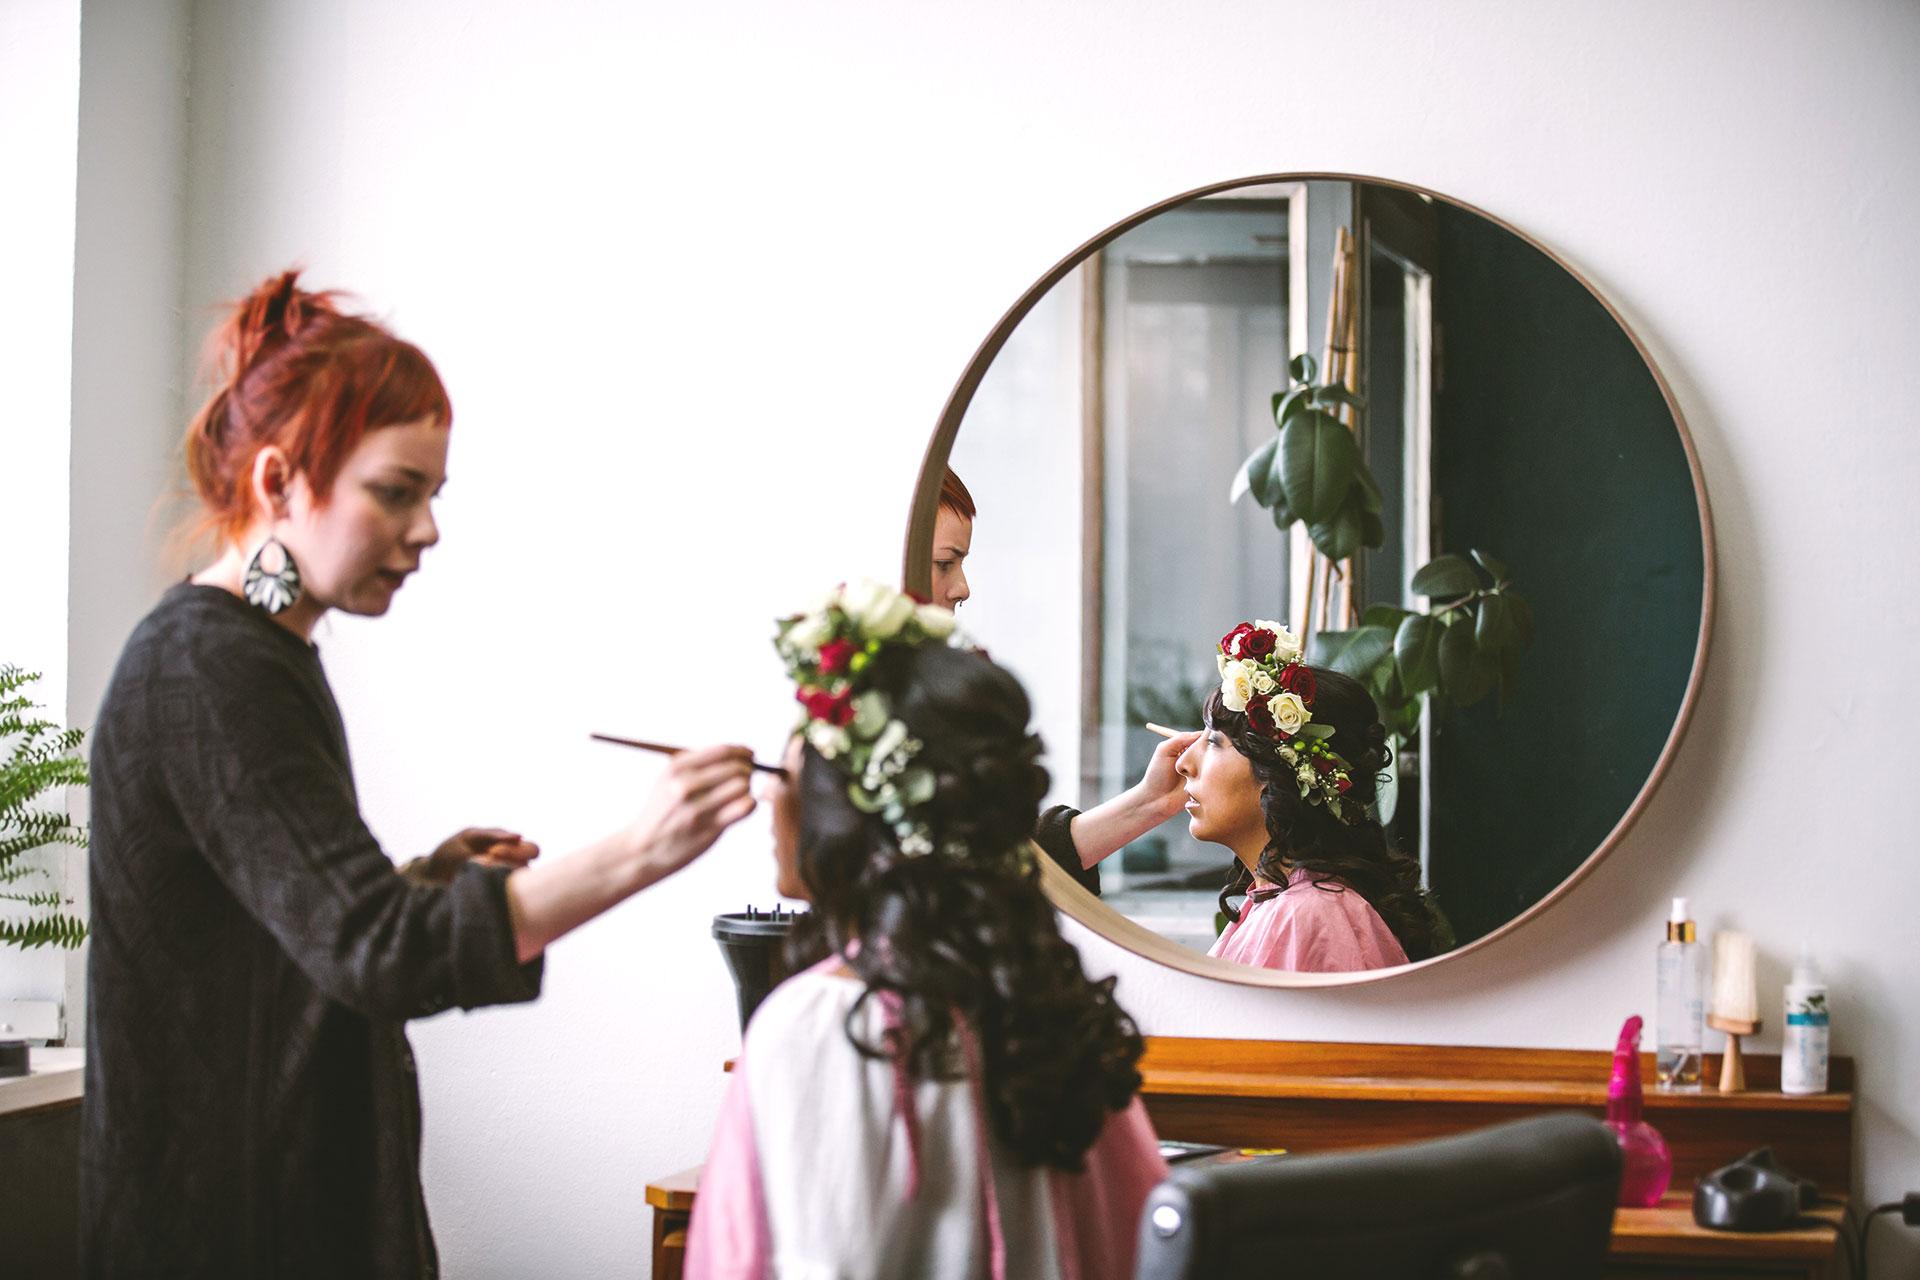 morsian-meikki-laittautuminen